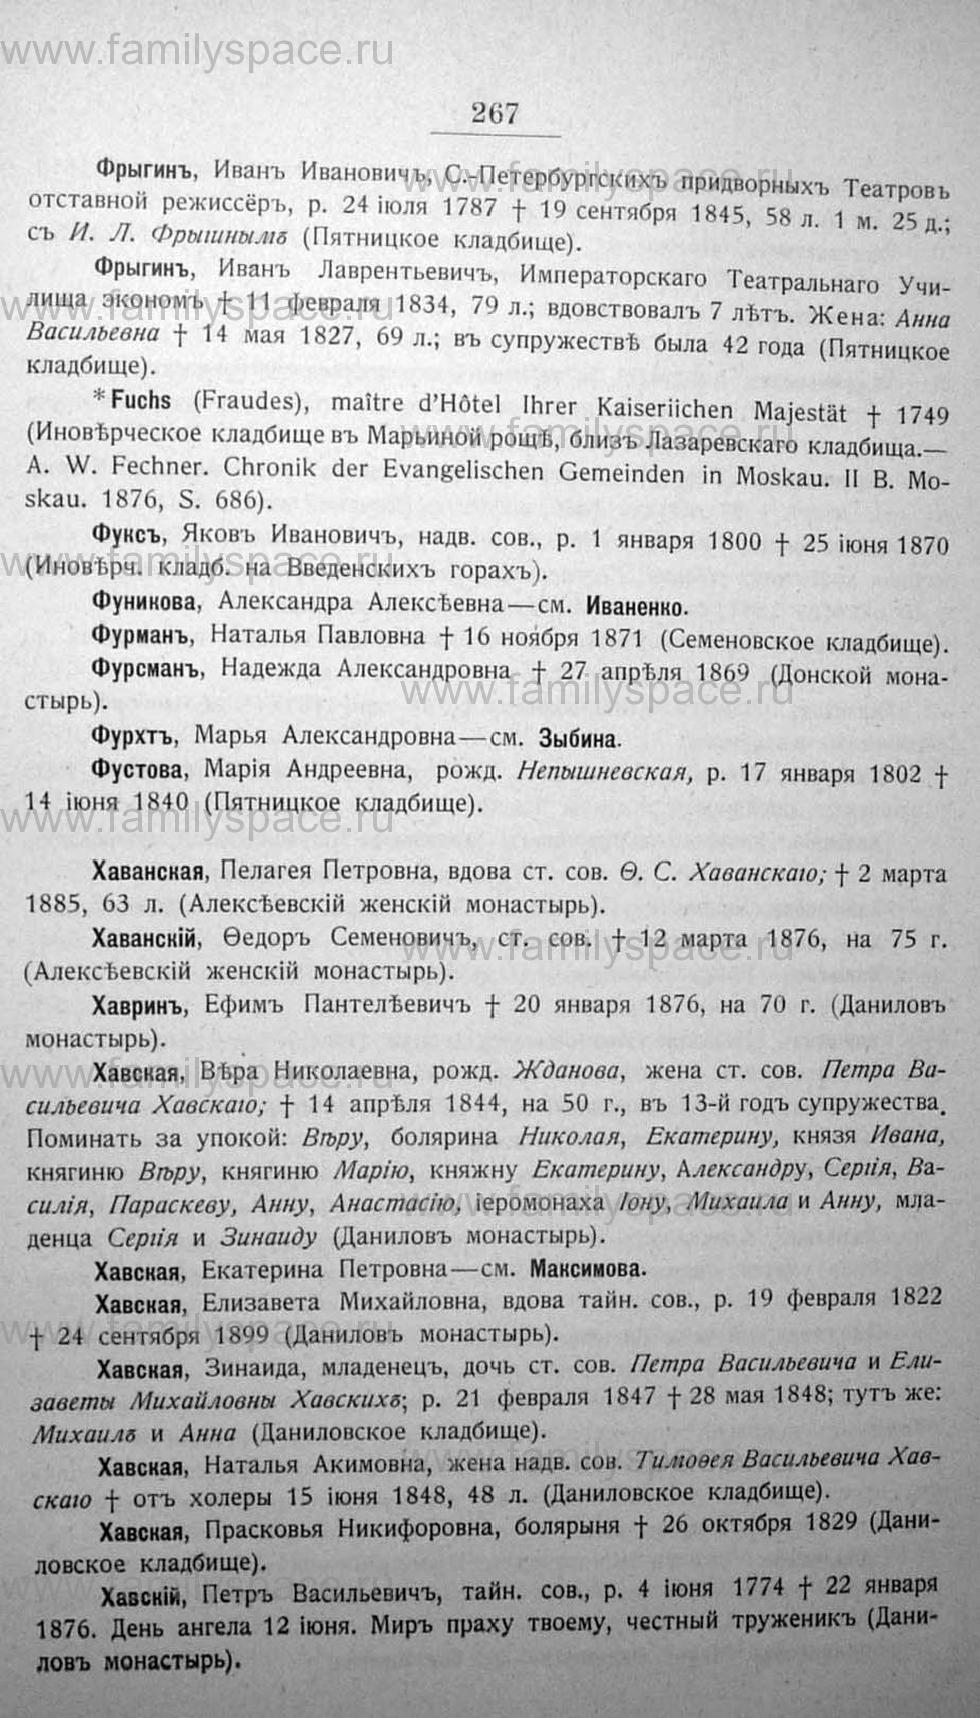 Поиск по фамилии - Московский некрополь, т.3, 1907 г., страница 1267